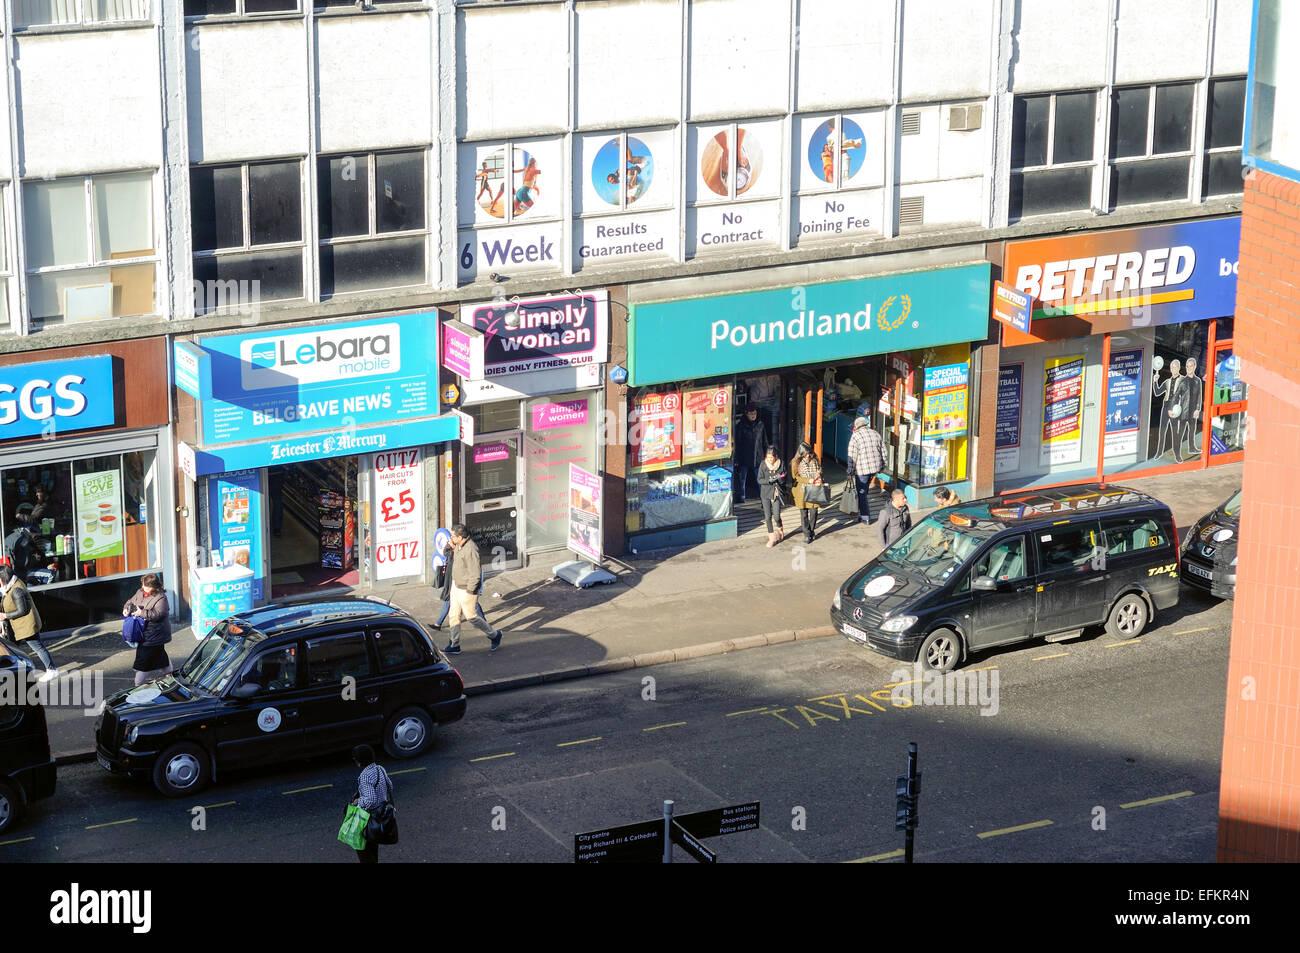 White apron poundland - Poundland Leicester City Center Uk Stock Image